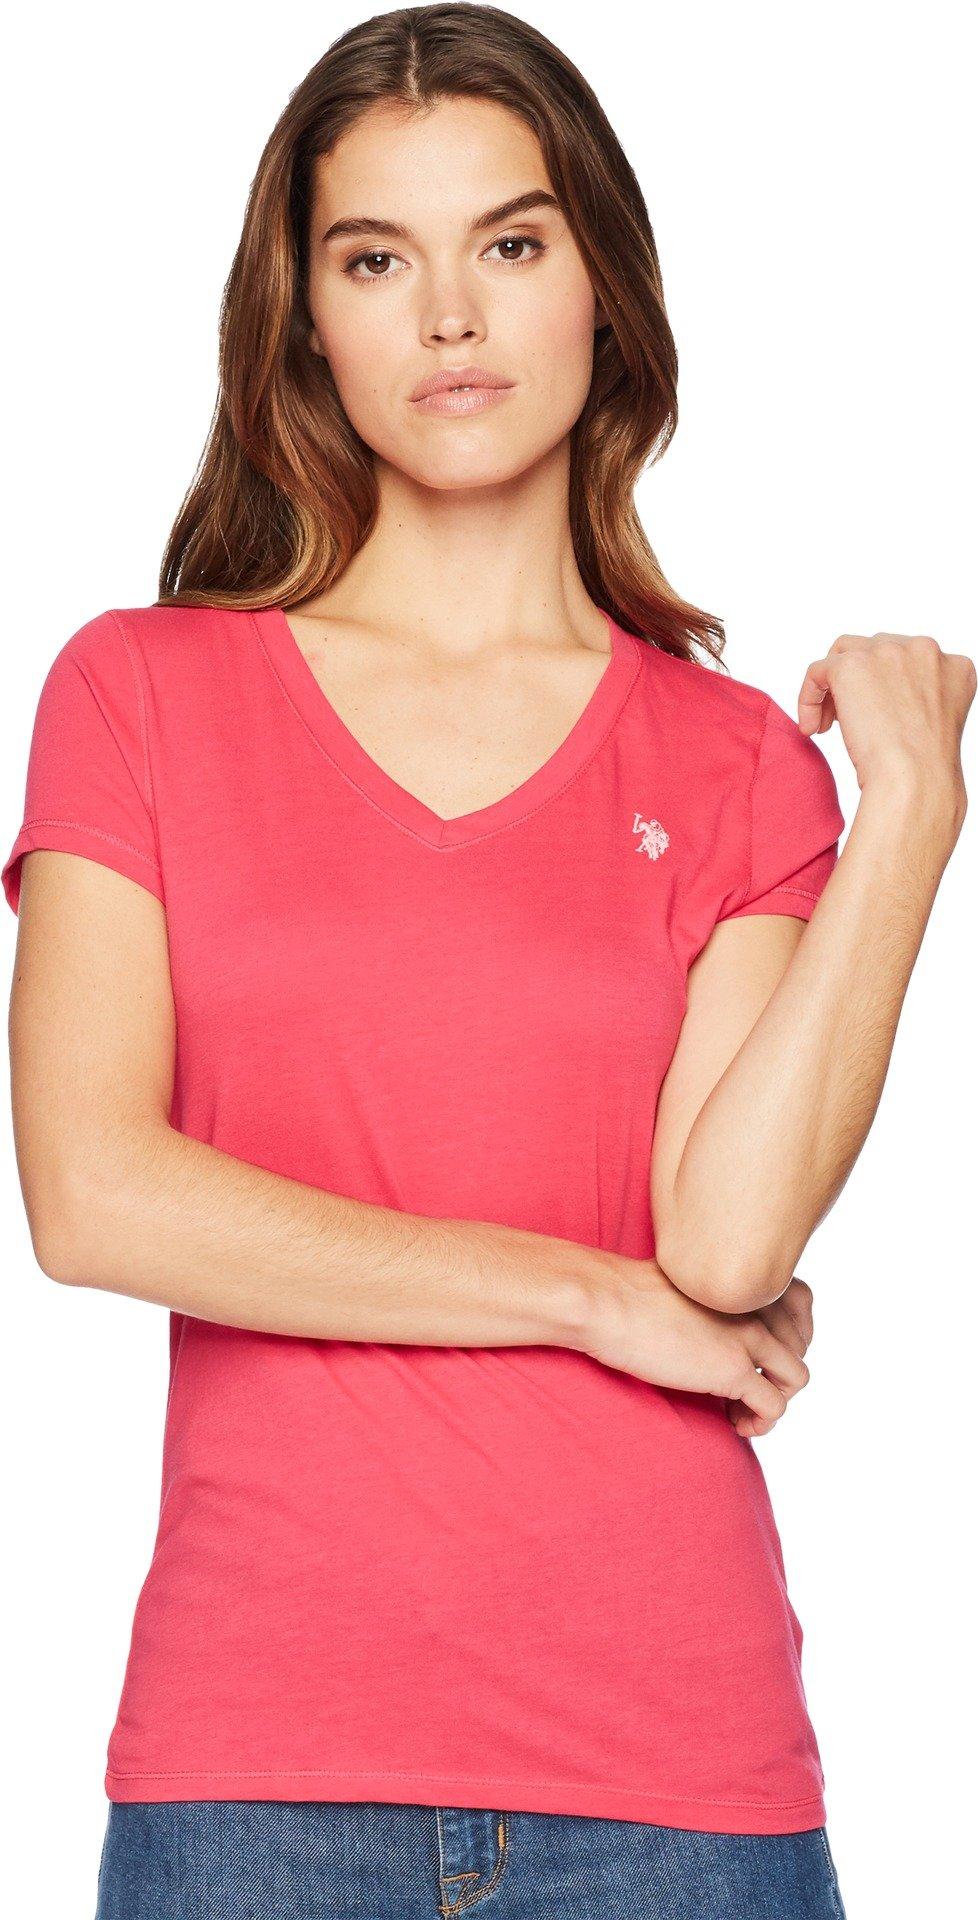 US Polo Assn Women's Short Sleeve V-Neck T-Shirt, Bright Rose, XL